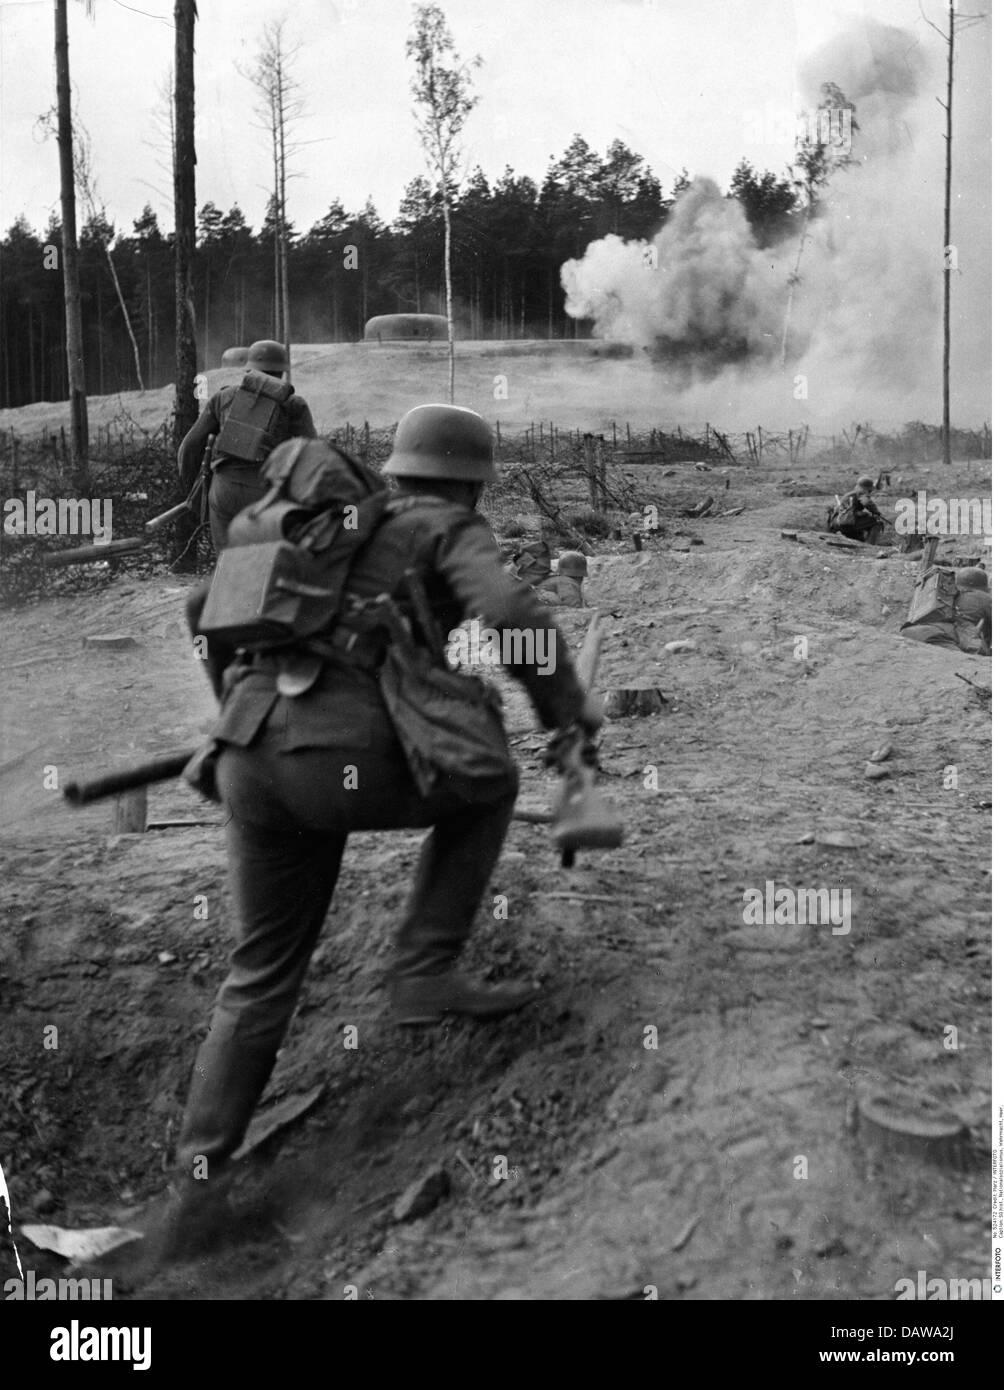 Nationalsozialismus, Militär, Wehrmacht, Armee, Ausbildung, Wehringenieure, deutsche Sturmpioniere bei Feldübungen, Stockfoto